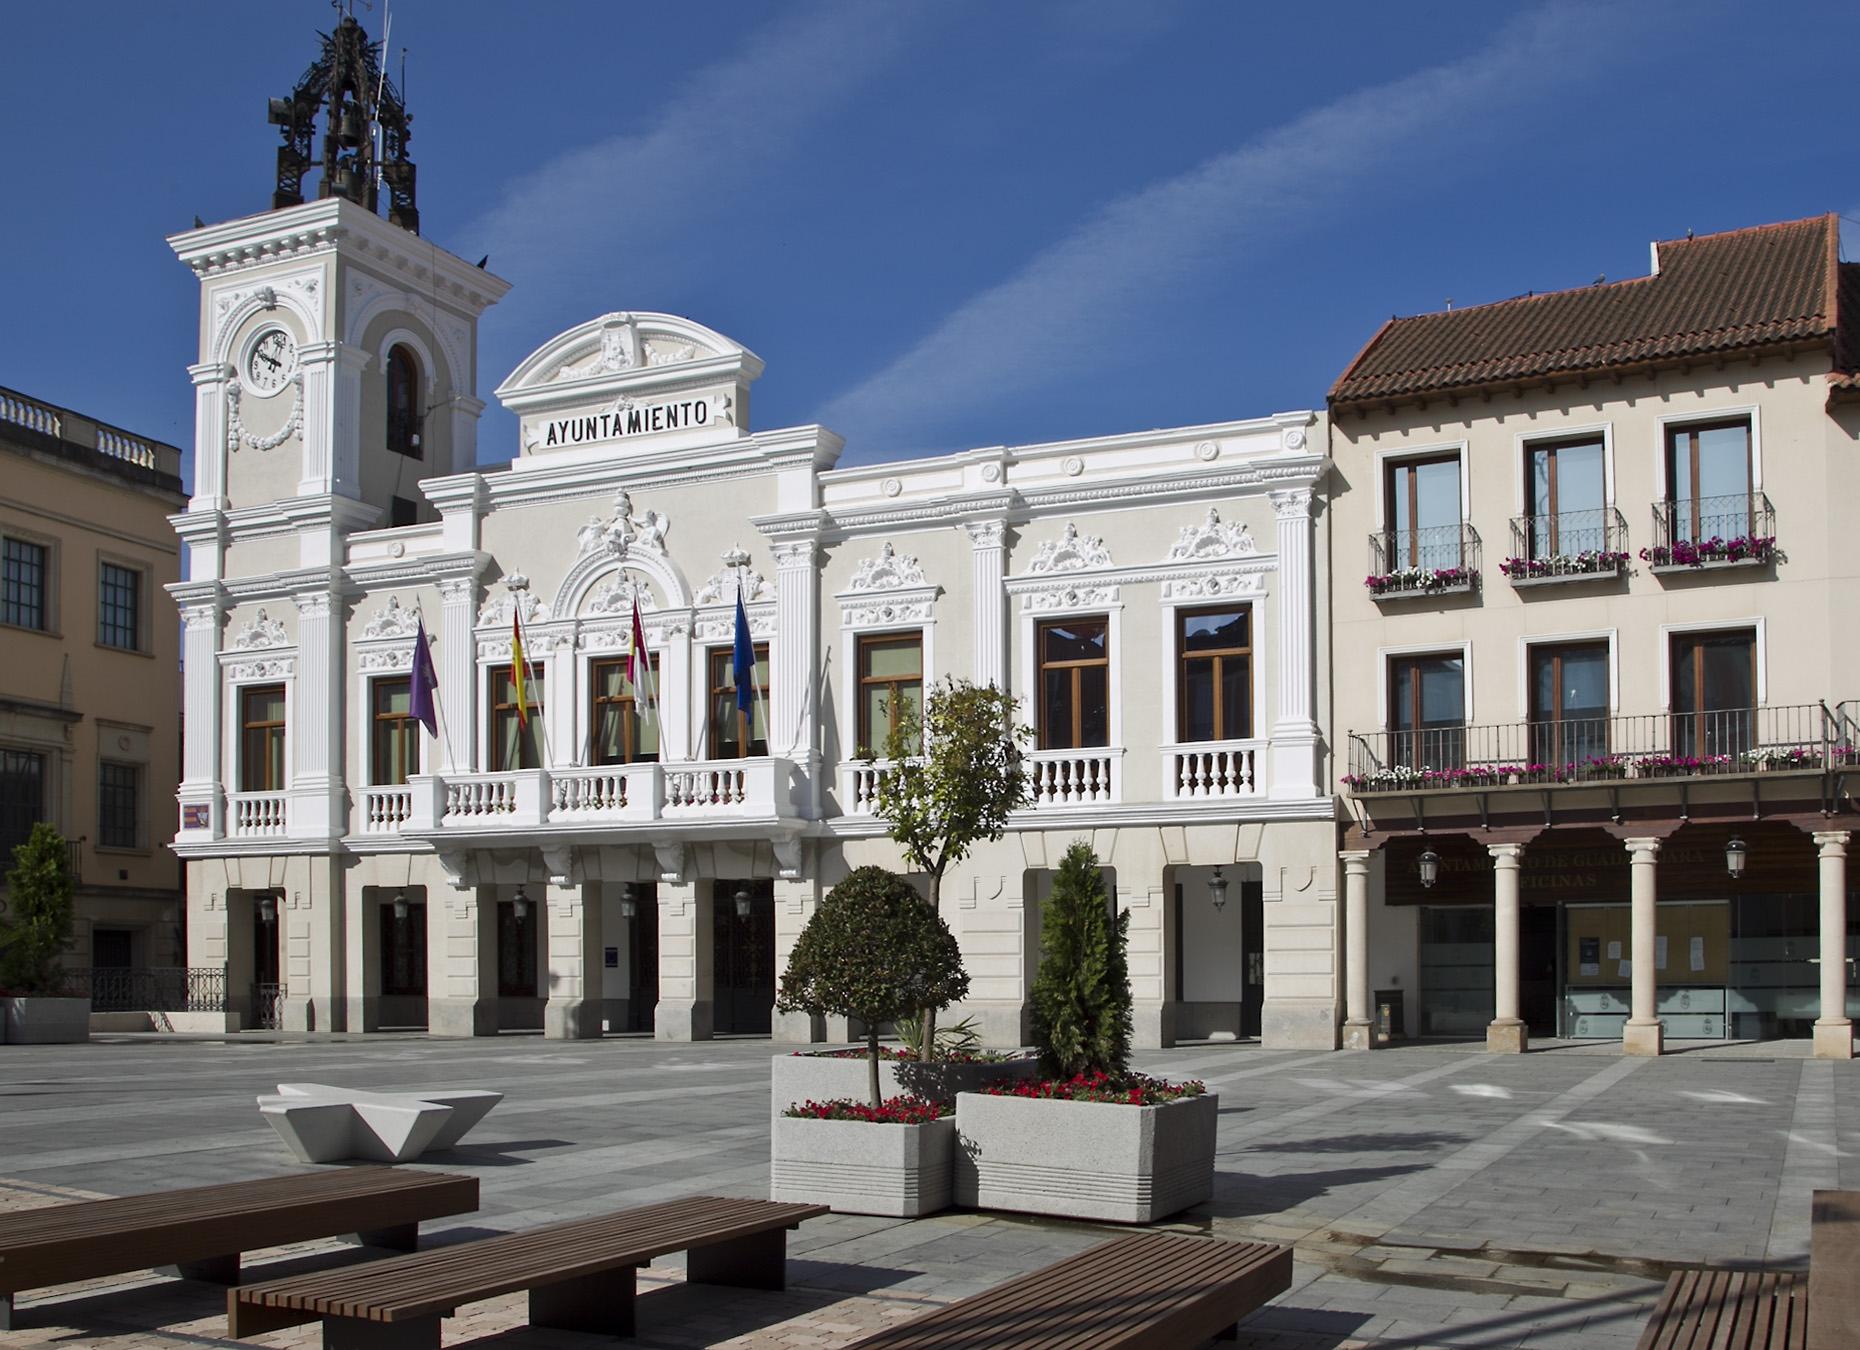 El Ayuntamiento de Guadalajara anuncia la próxima convocatoria de ayudas de apoyo a la educación para los ciclos de infantil, primaria, secundaria, bachillerato y ciclos de grado formativo y enseñanzas universitarias